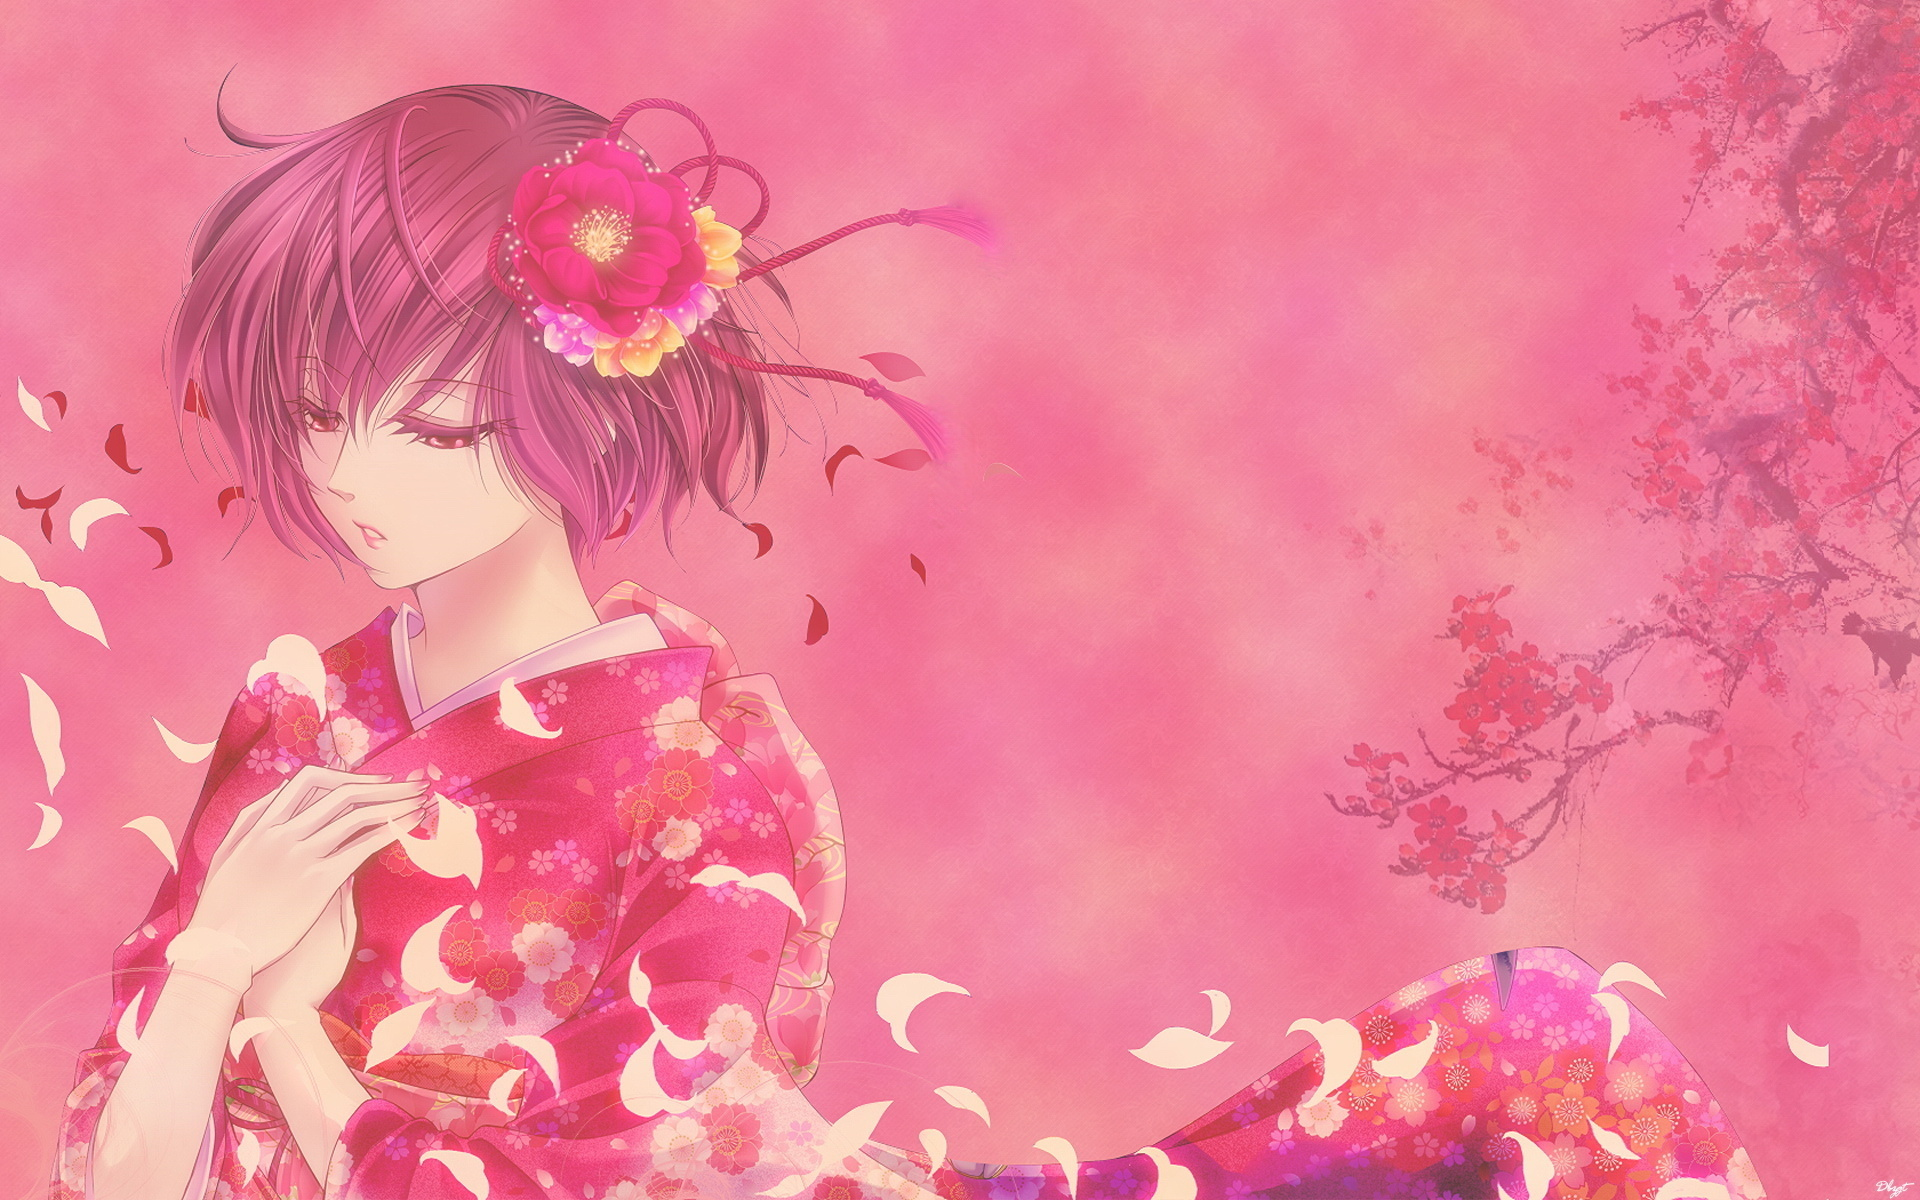 Обои на рабочий стол аниме цветы